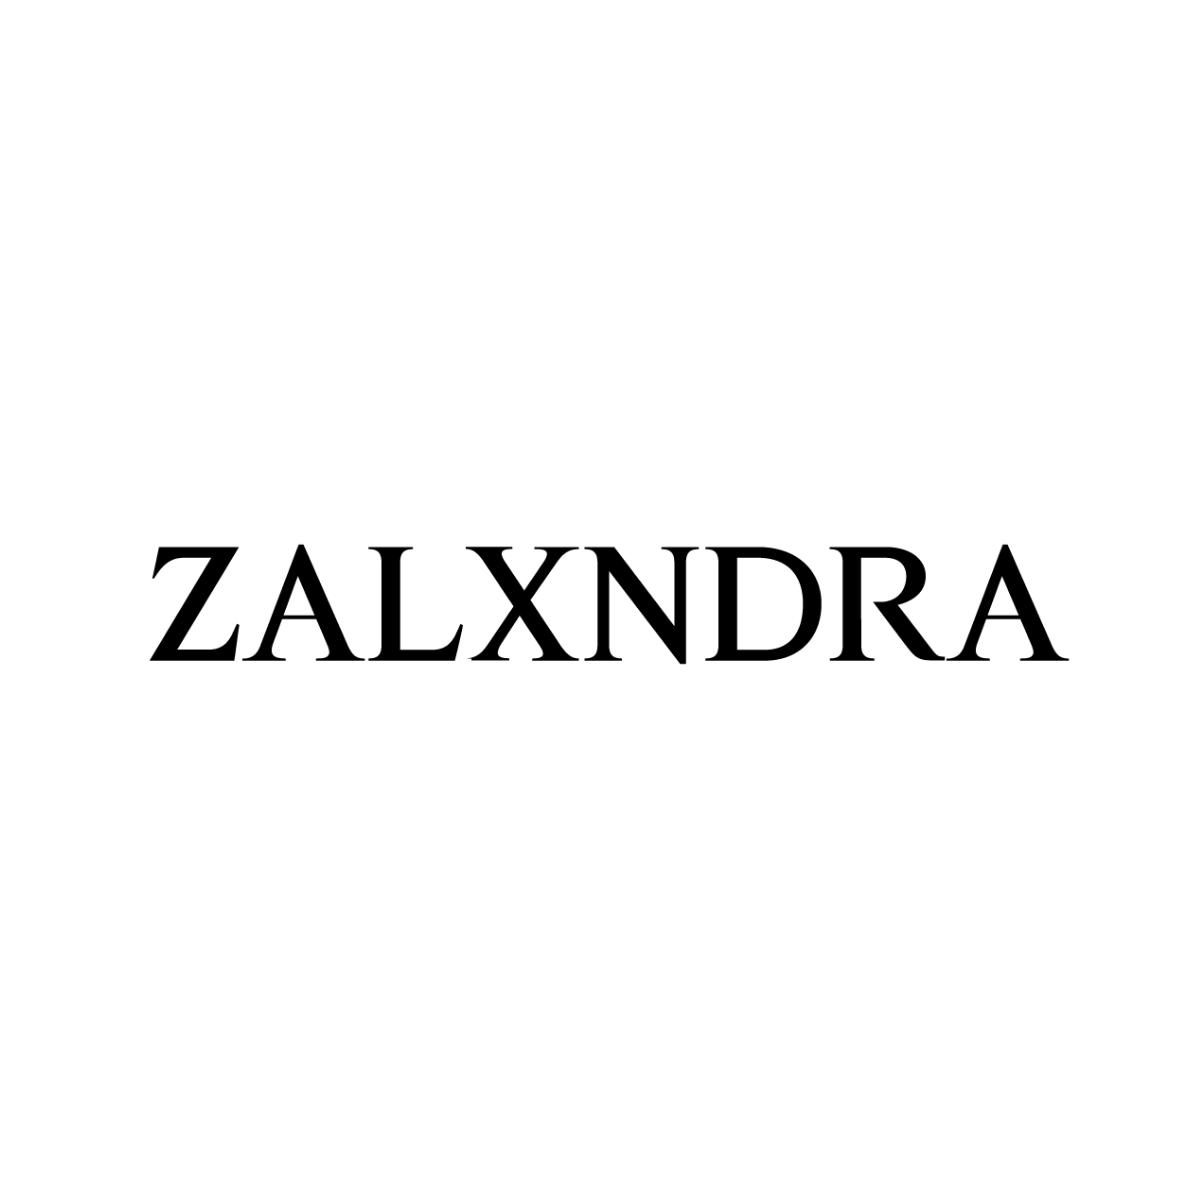 زاليكسندرا